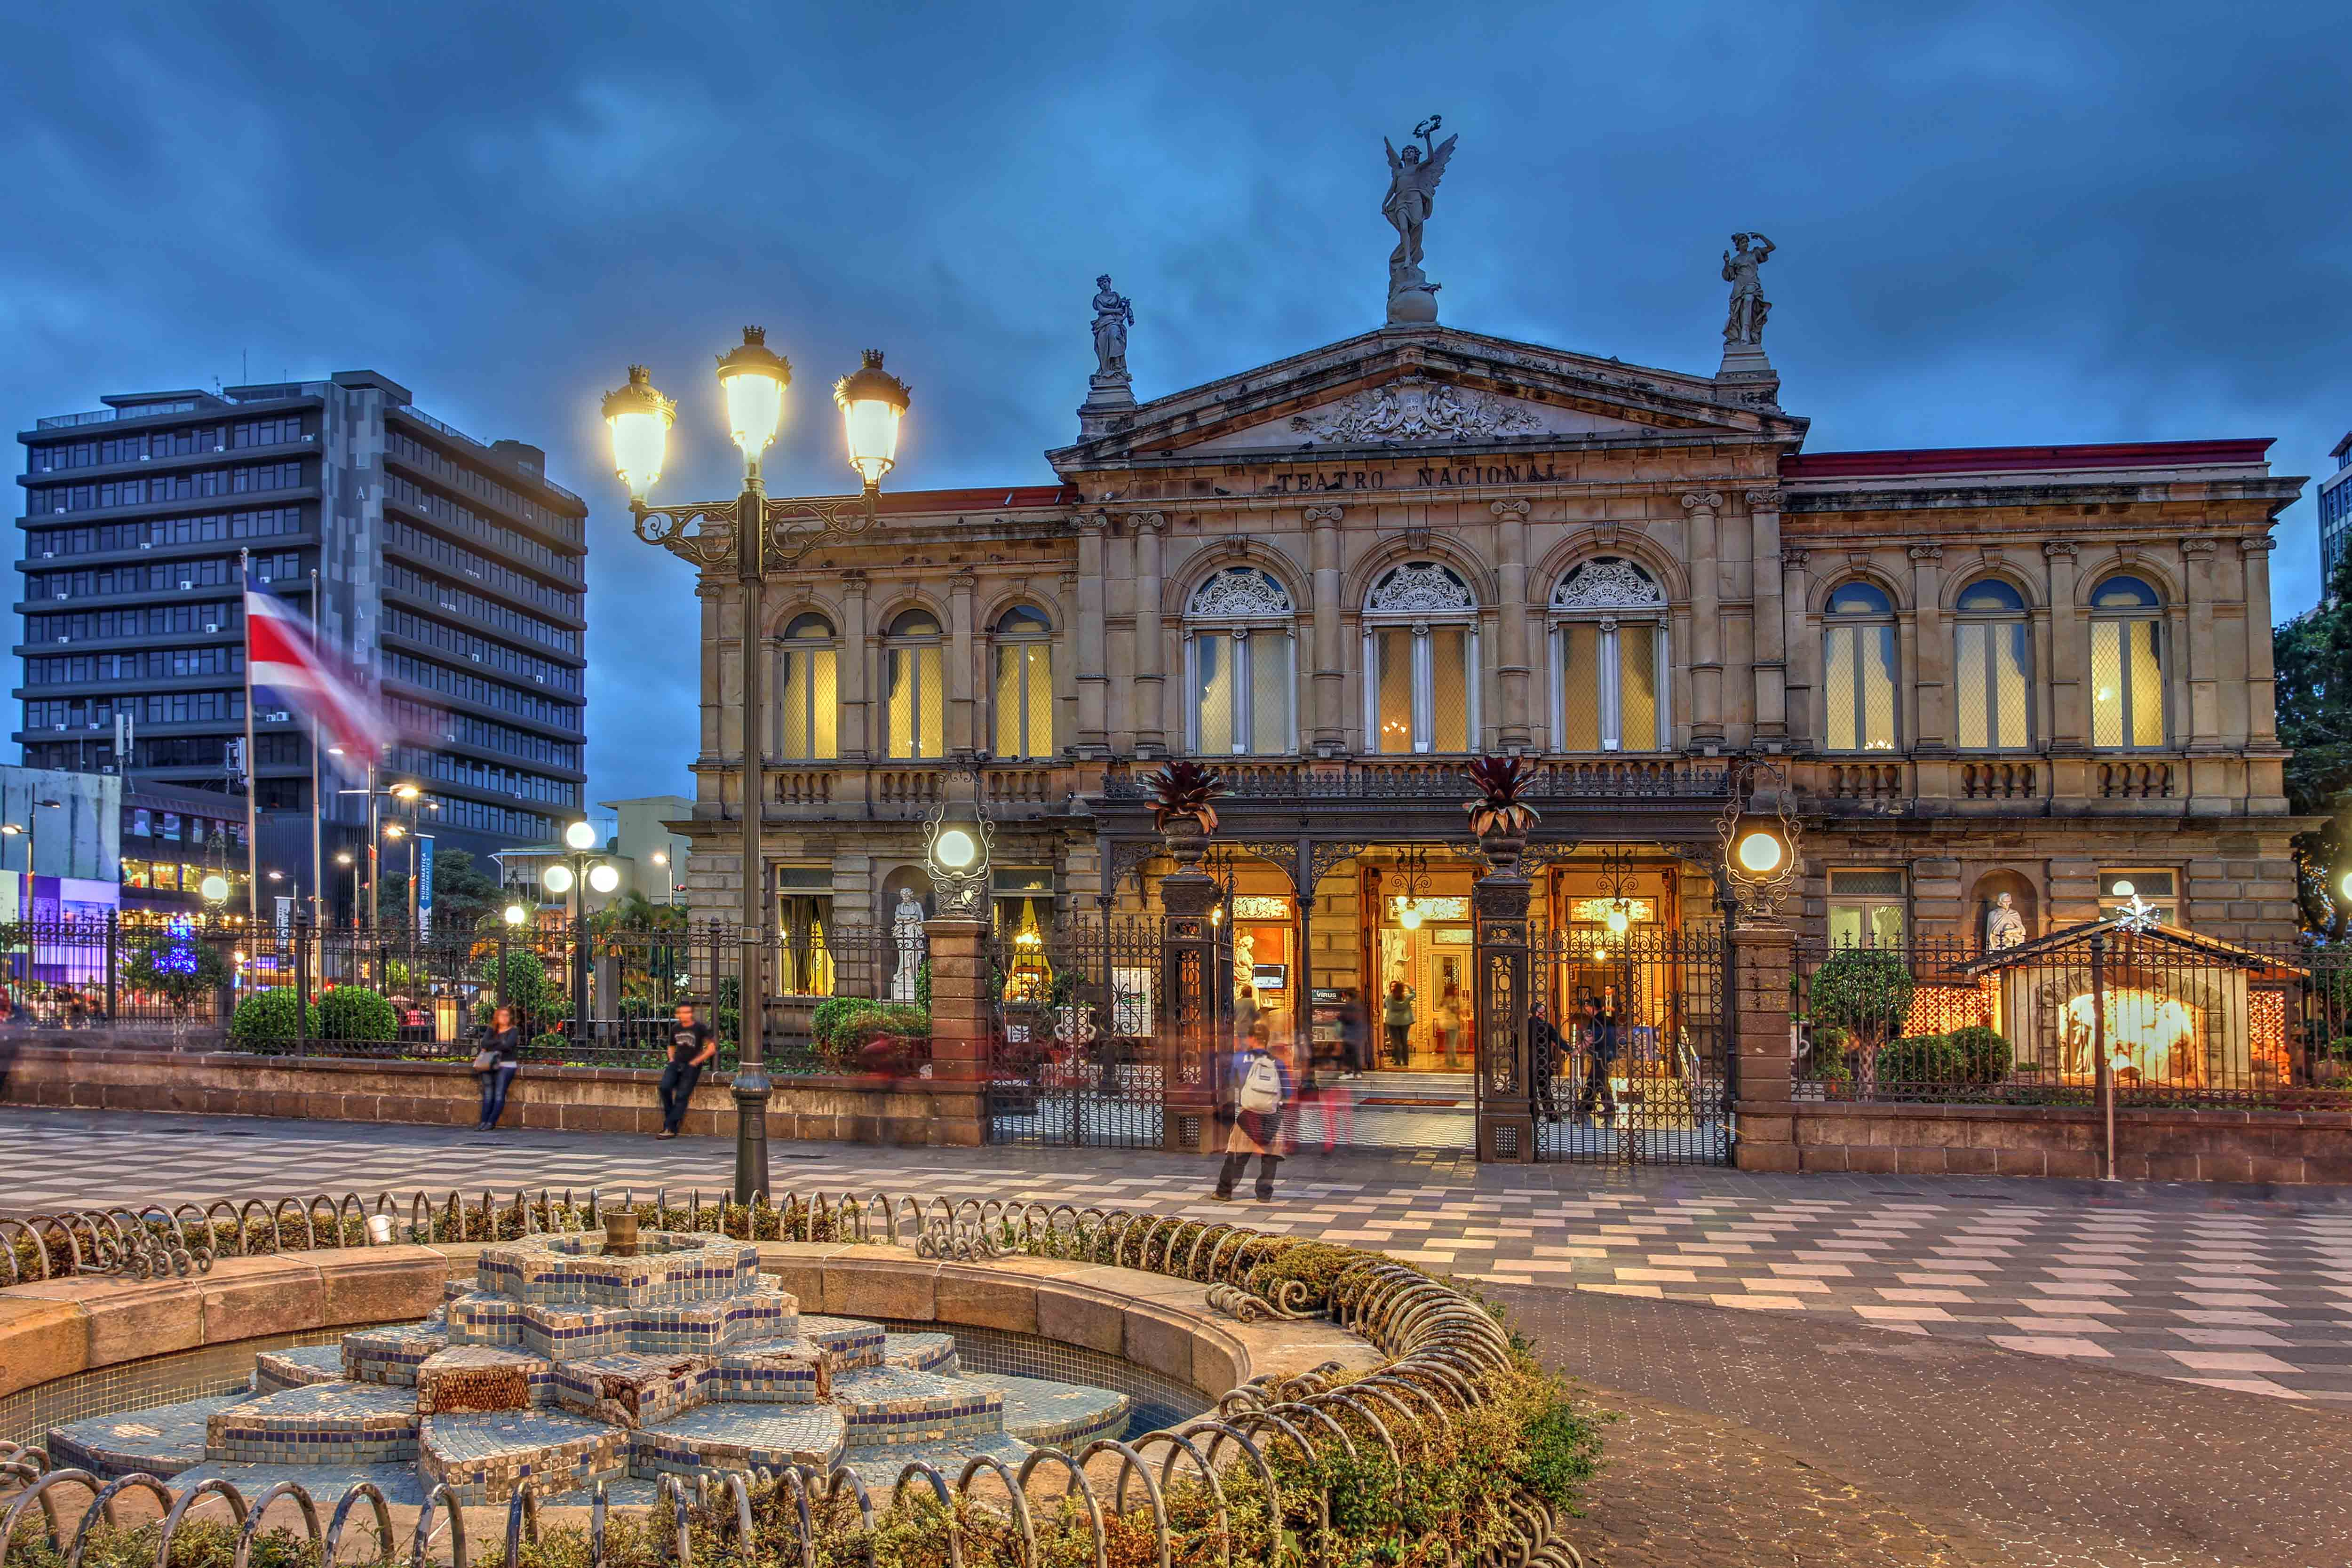 Costa Rica: Avanza apertura gradual y ordenada de espacios públicos al aire libre